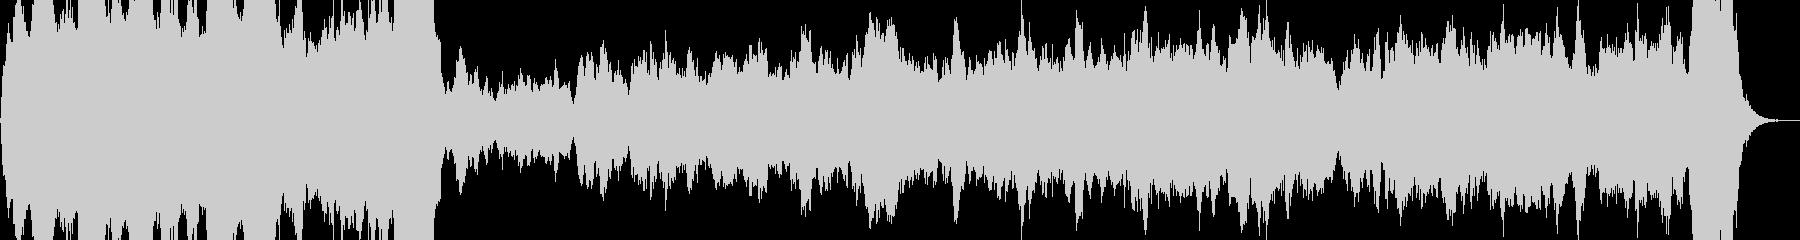 パイプオルガンの荘厳なバロック的小品の未再生の波形